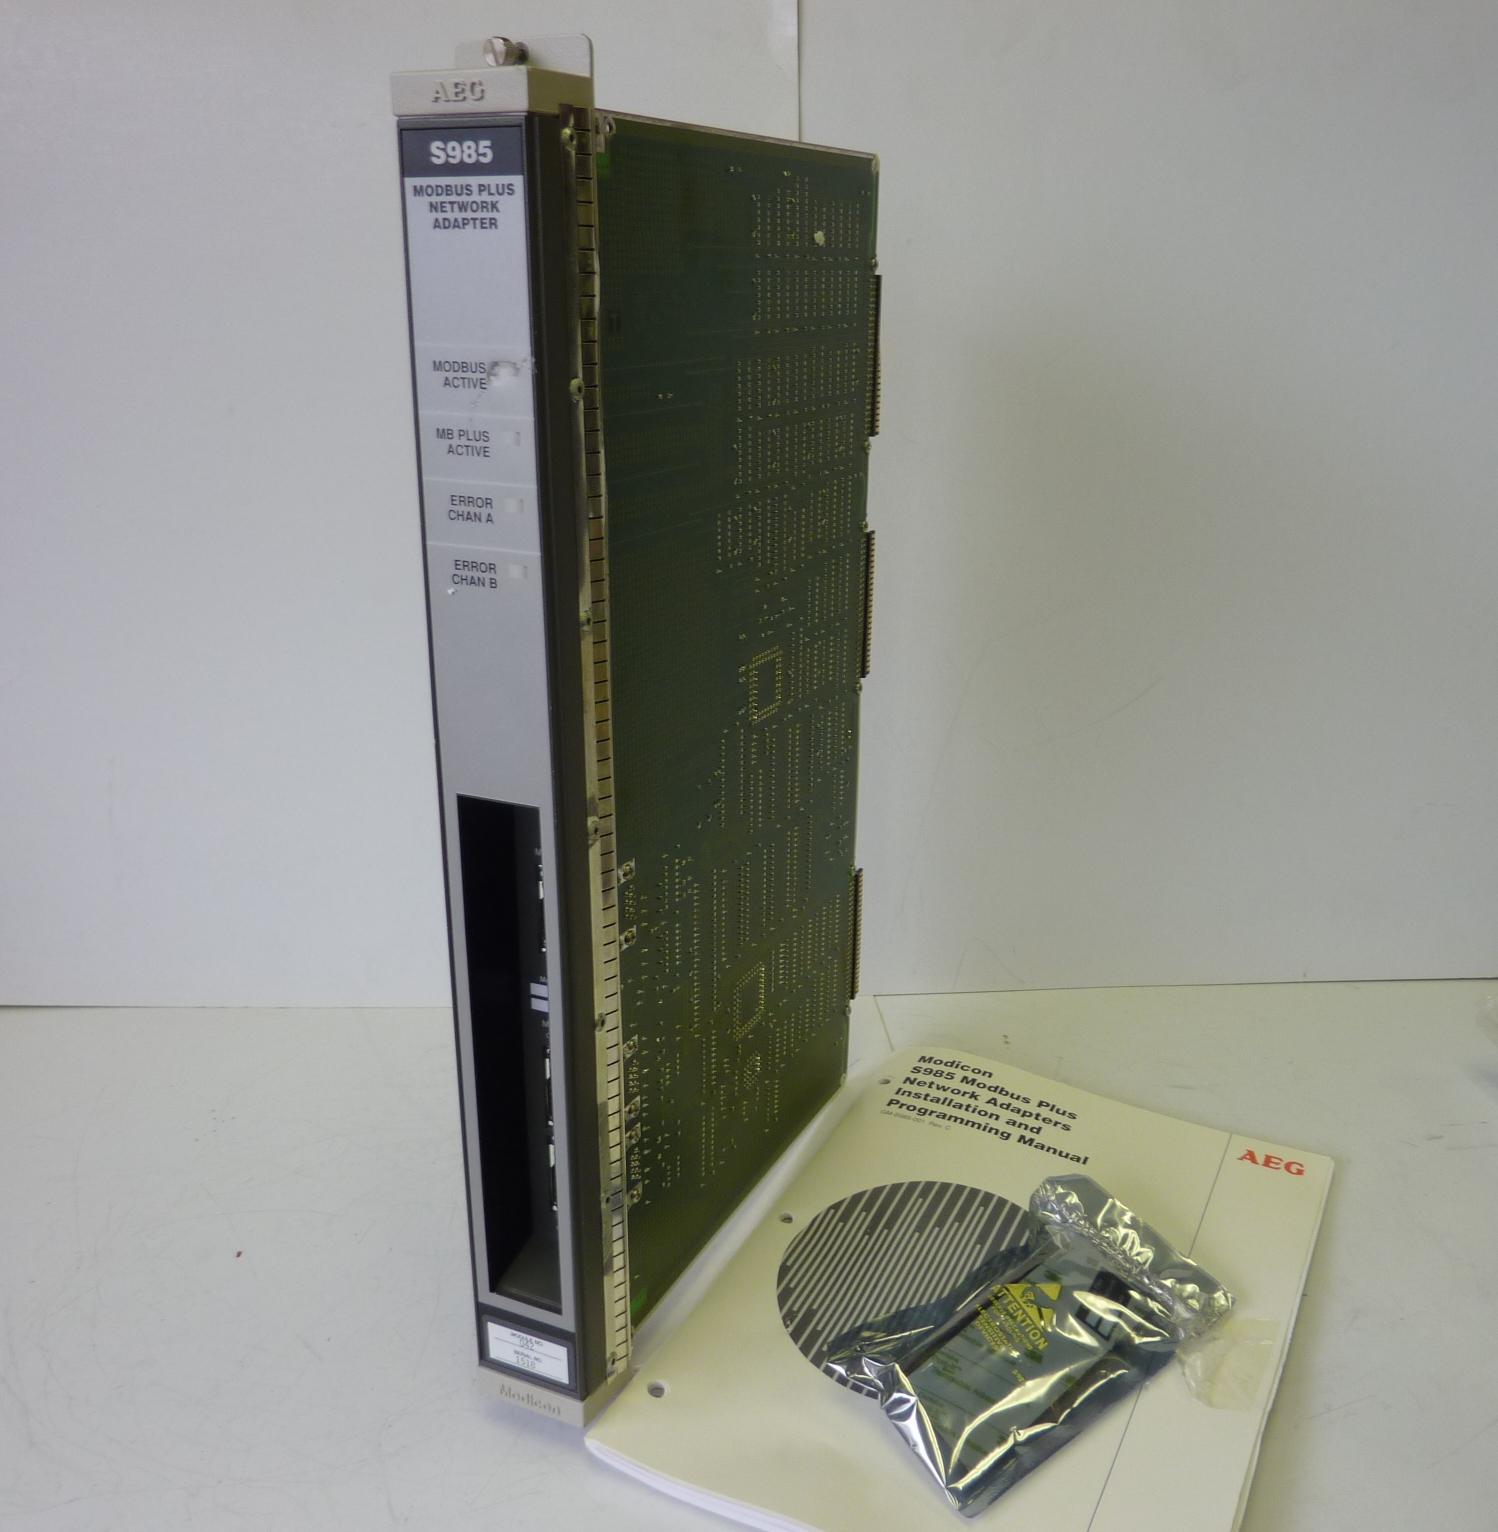 Modicon AM-S985-042